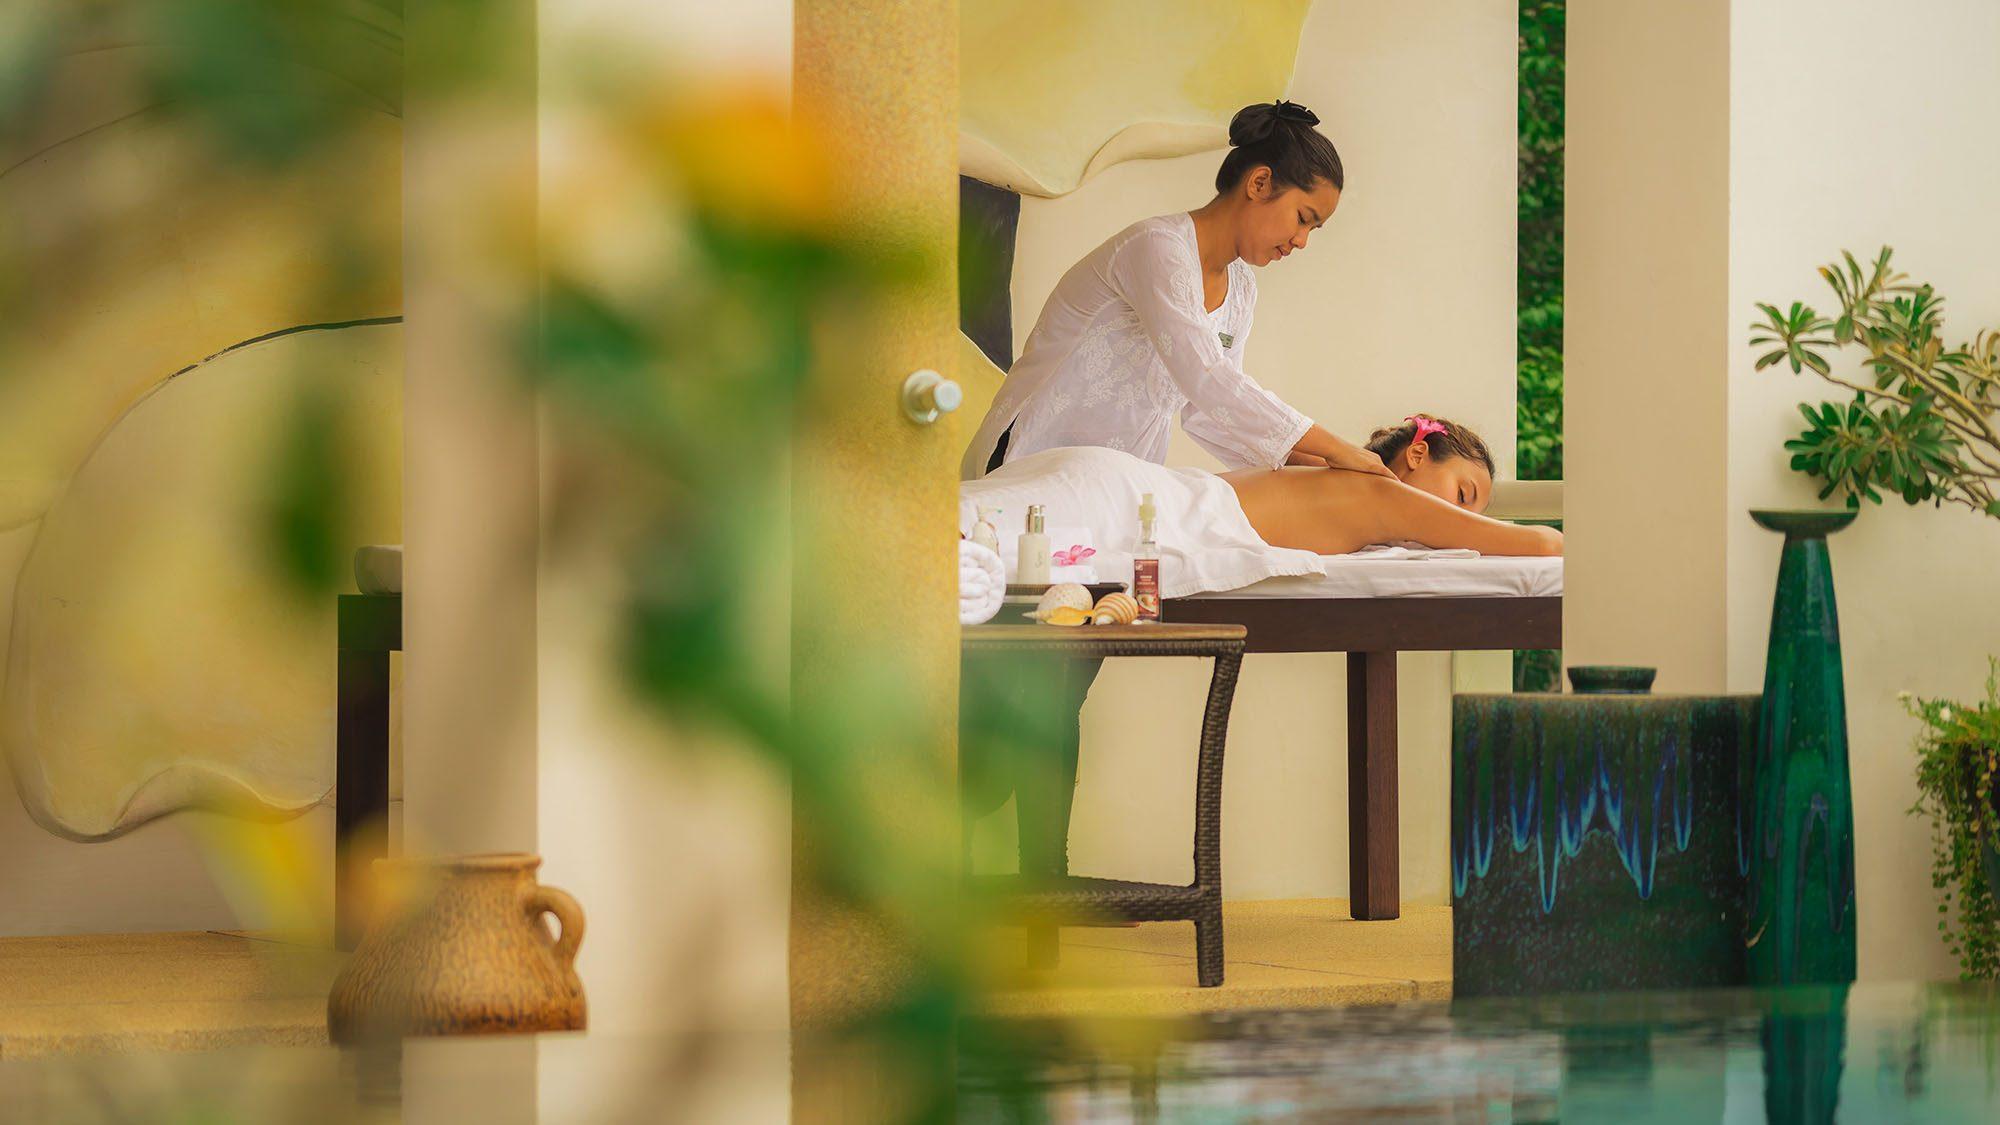 Massage at Villa Amazi in Bali